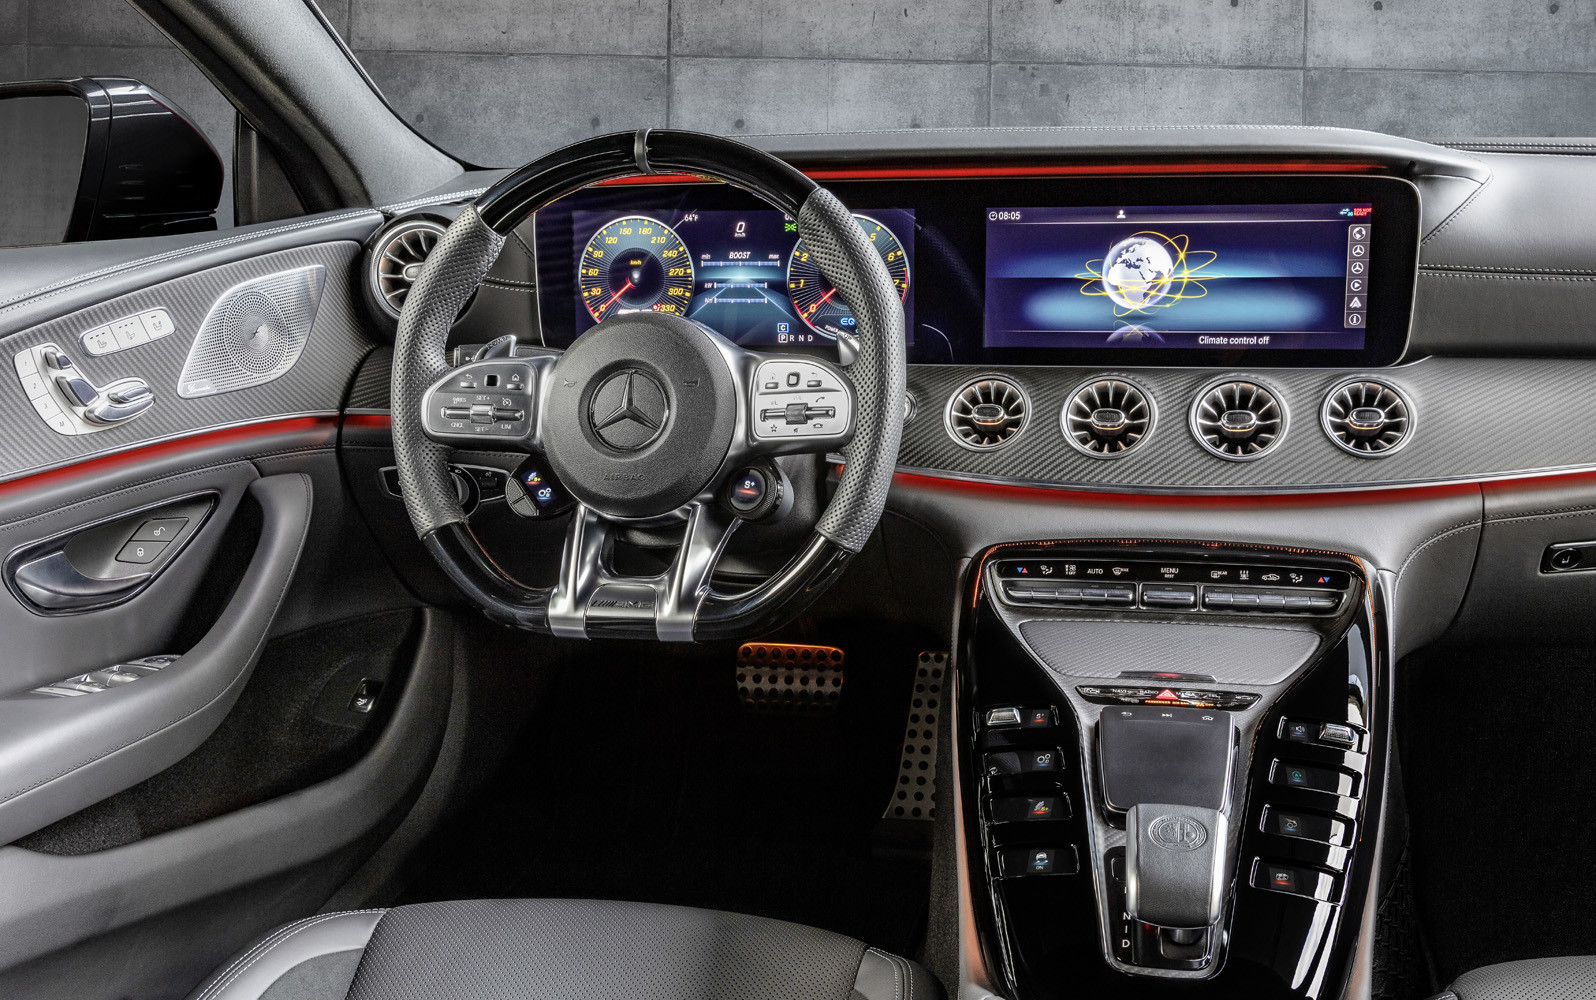 Foto de Mercedes-AMG GT 43 Coupé 4 puertas (18/18)